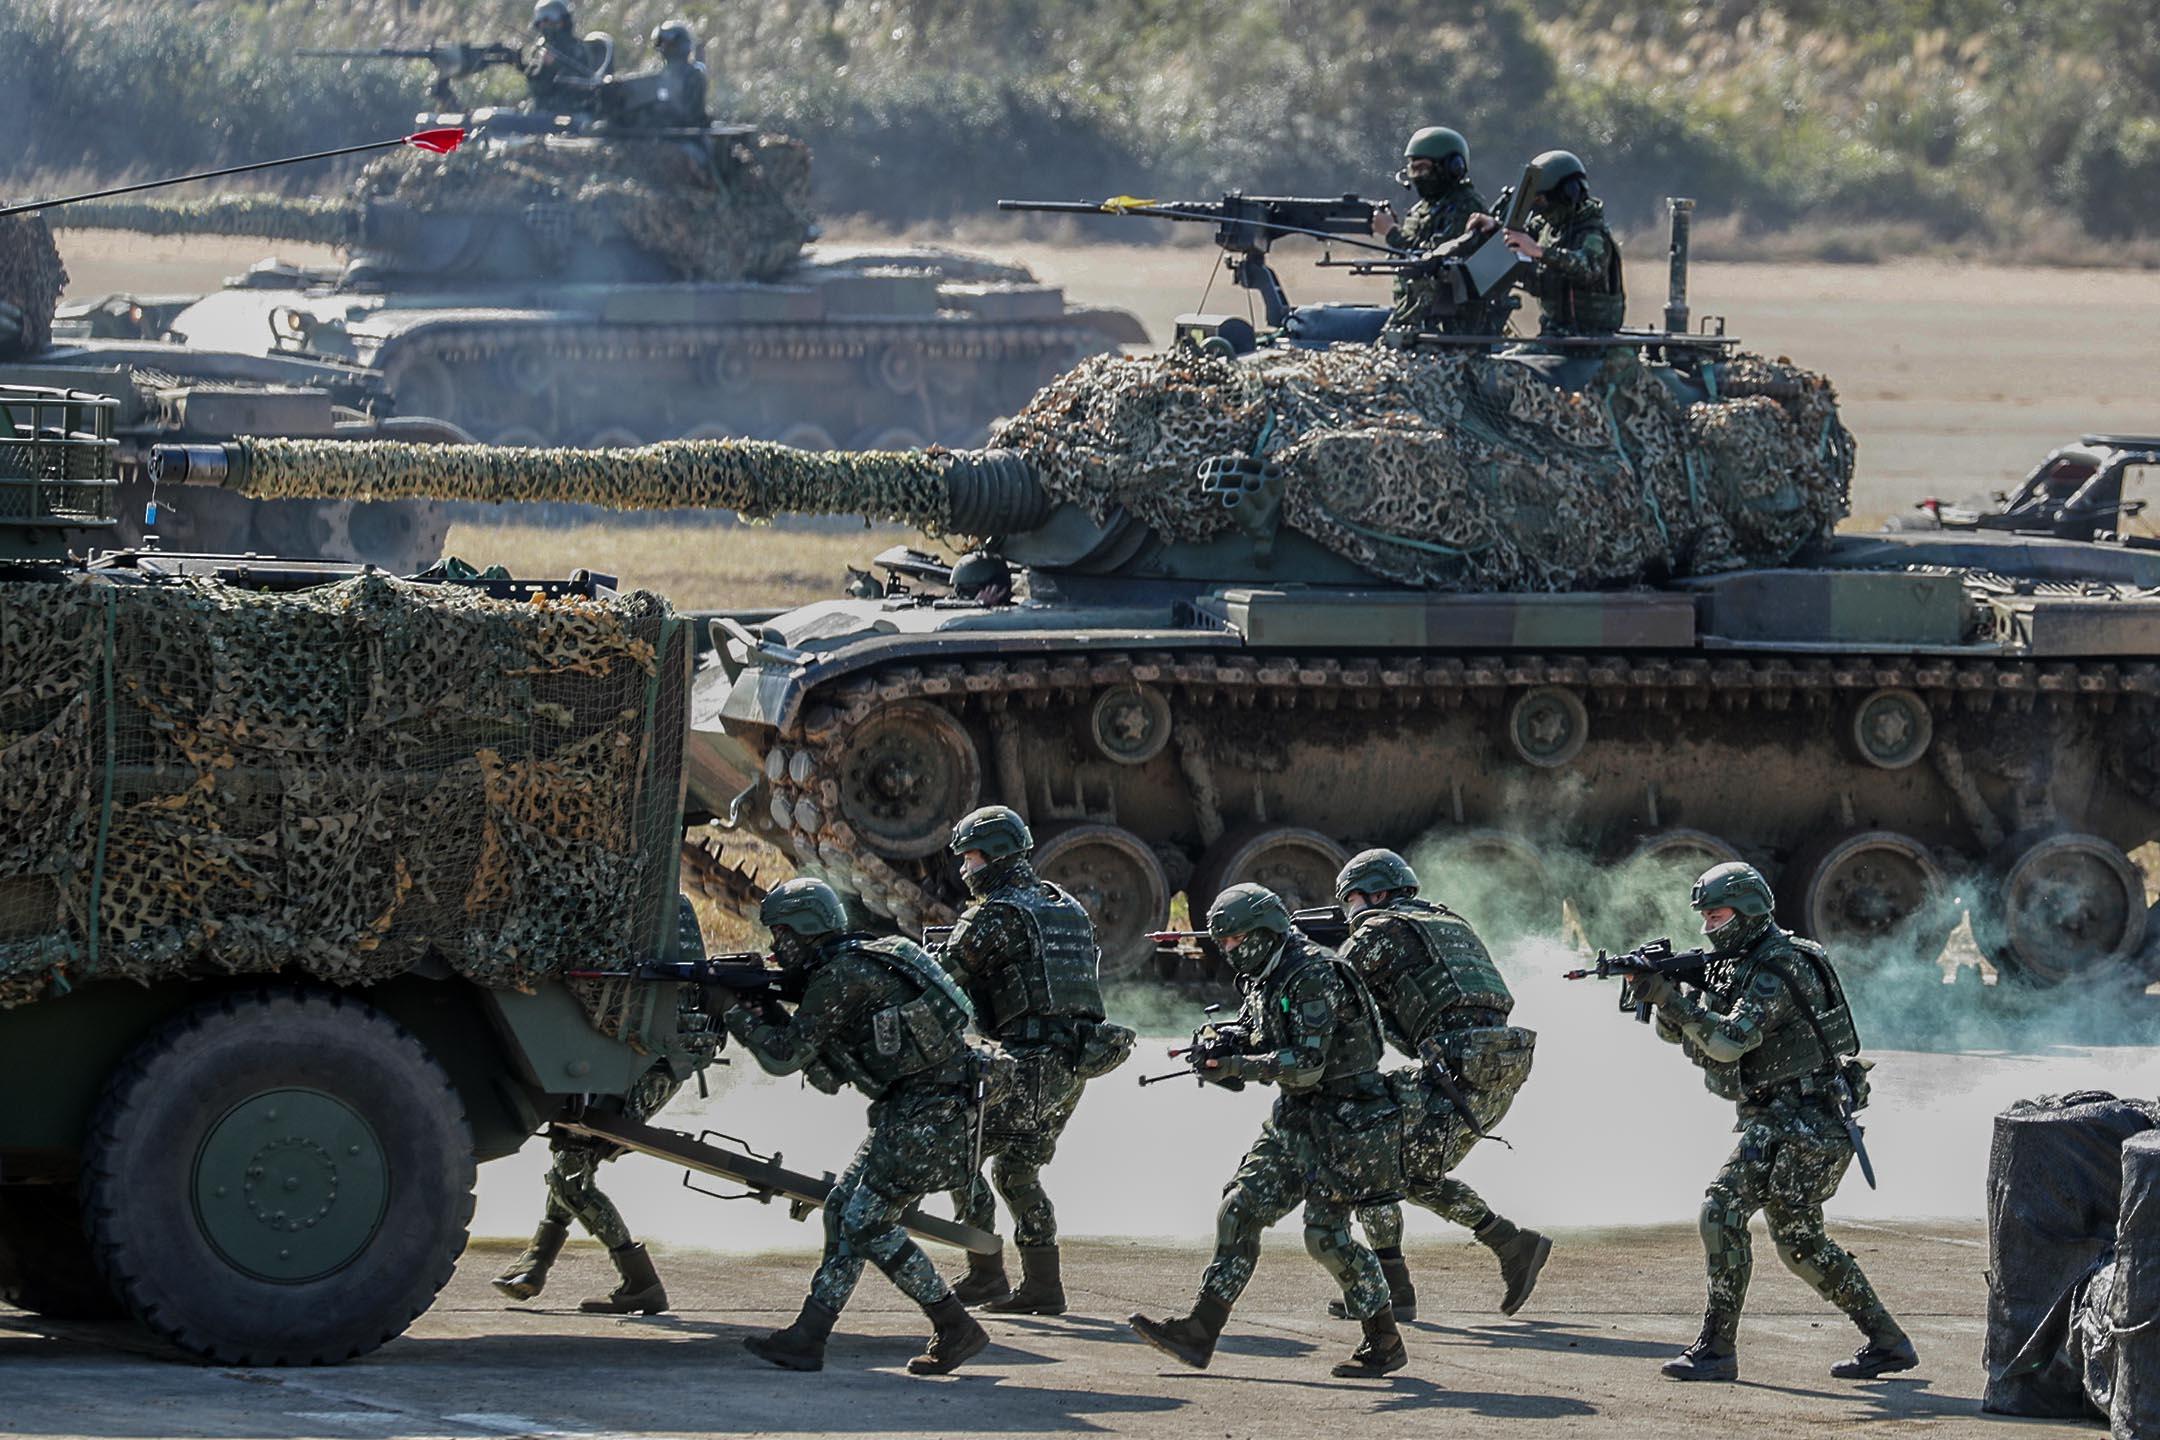 2021年1月19日台灣新竹縣舉行的一次軍事演習中,台灣武裝部隊成員走在軍車後面。 攝:I-Hwa Cheng/Bloomberg via Getty Images